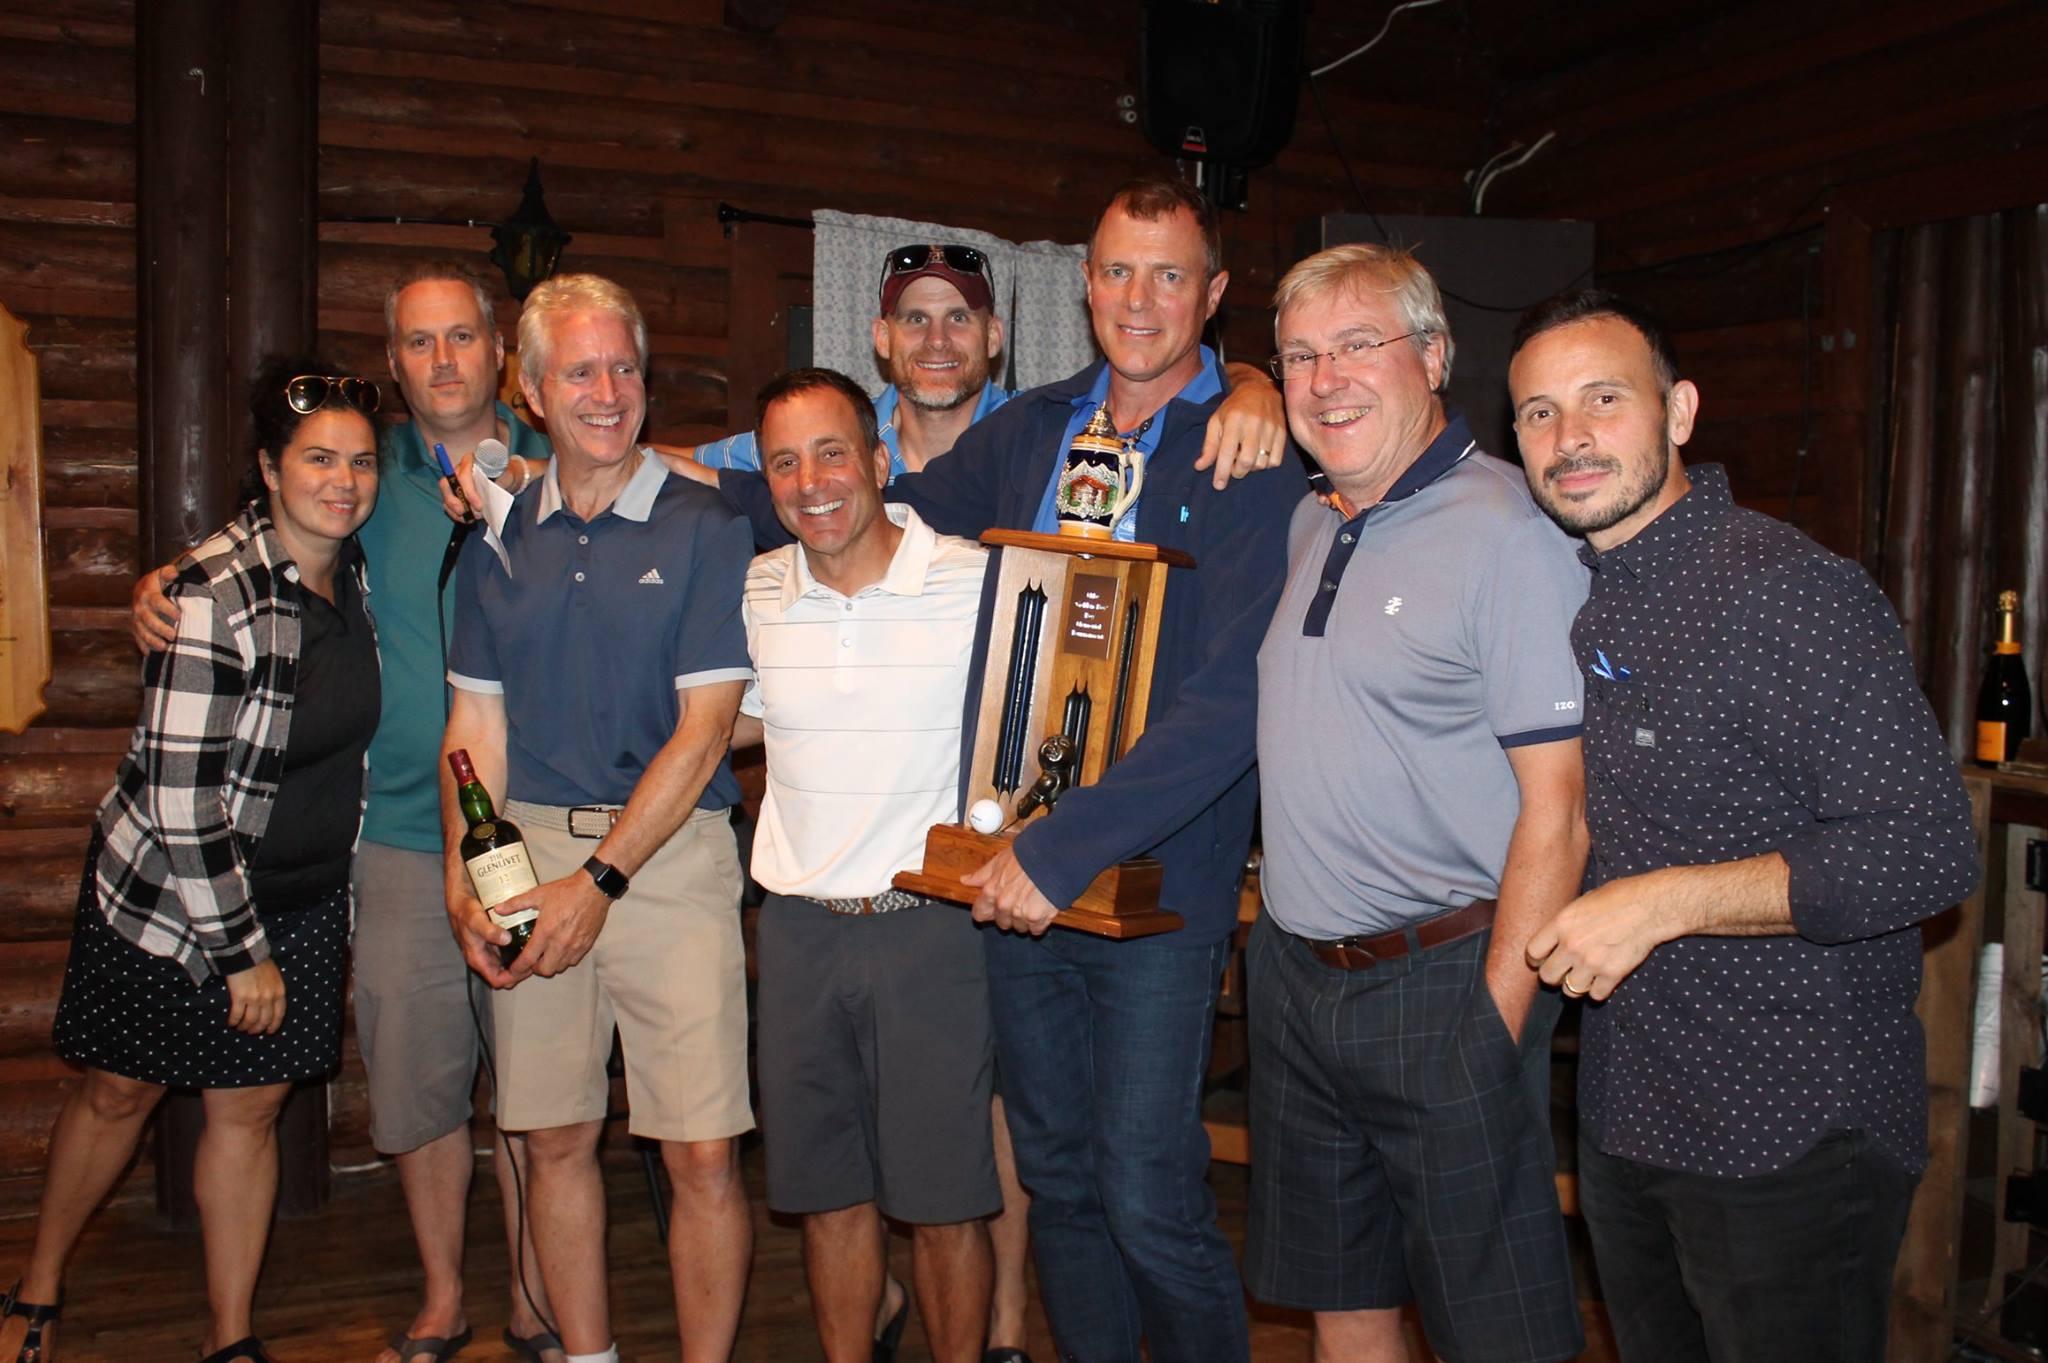 MRMT Winners and organizers